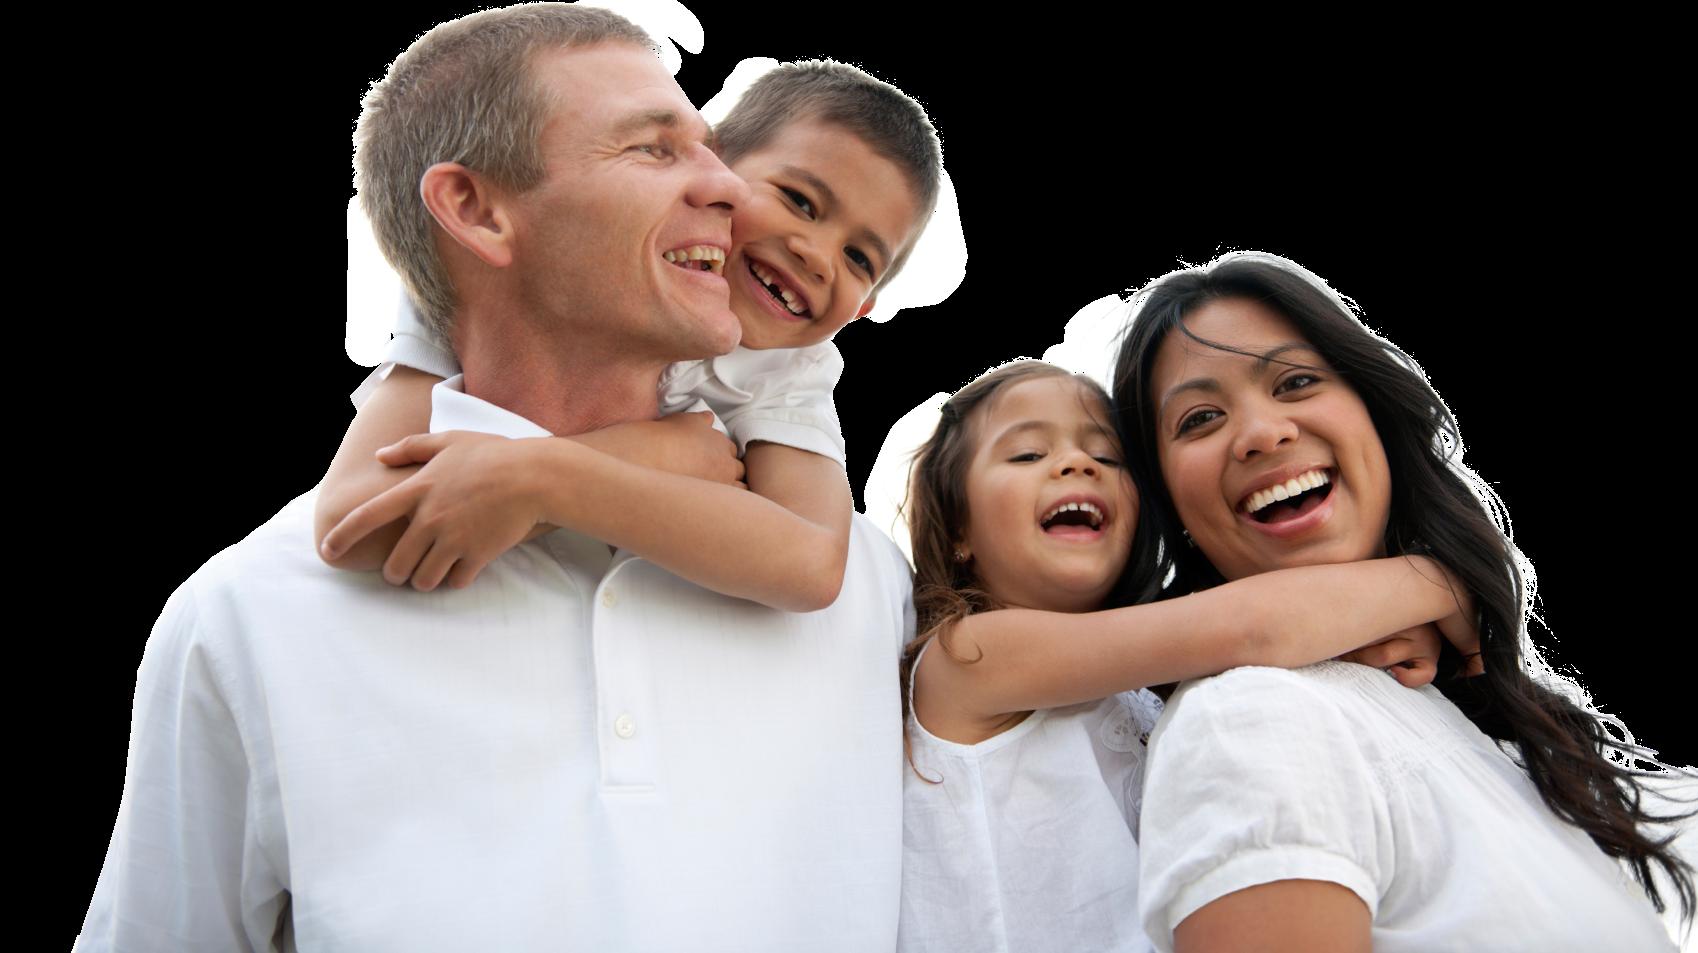 familj-glad